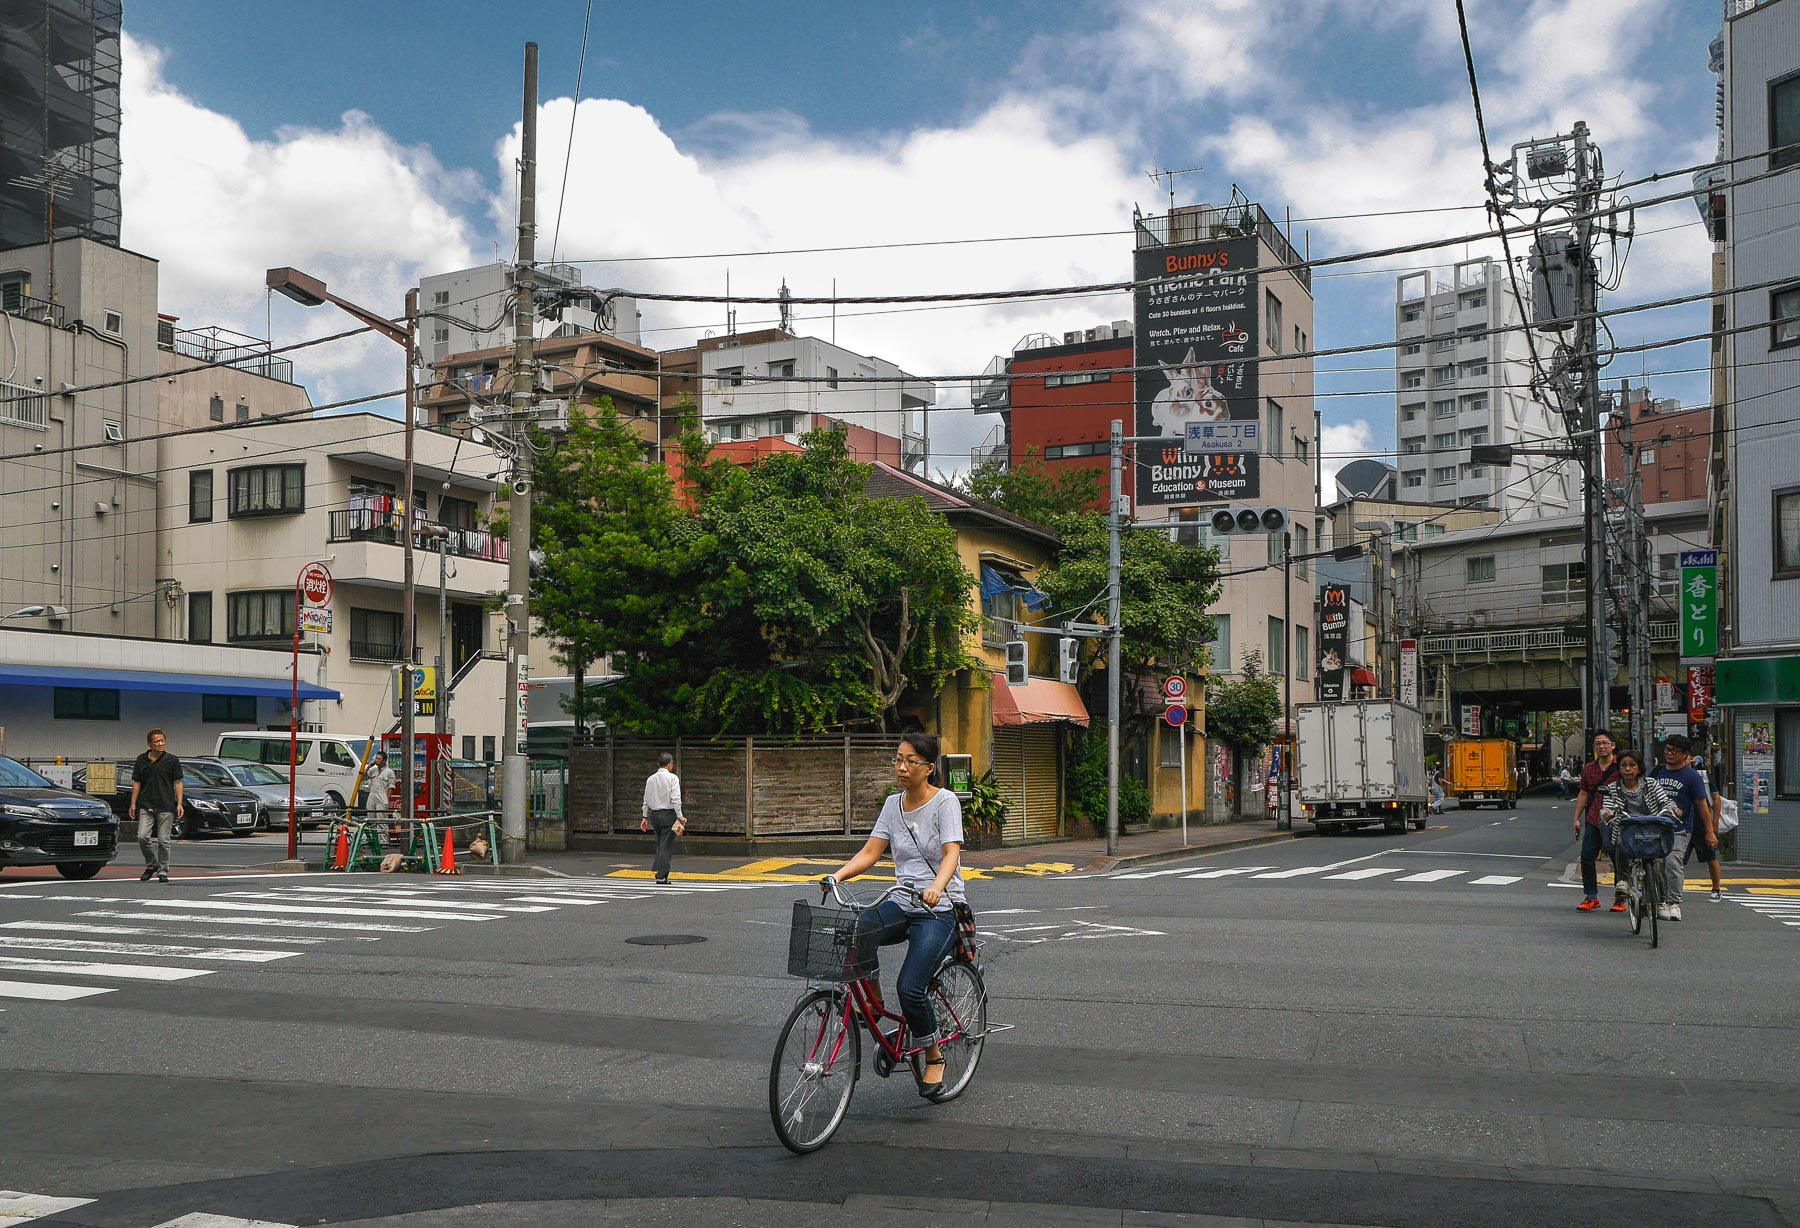 Kreuzung mit Frau auf Fahrrad